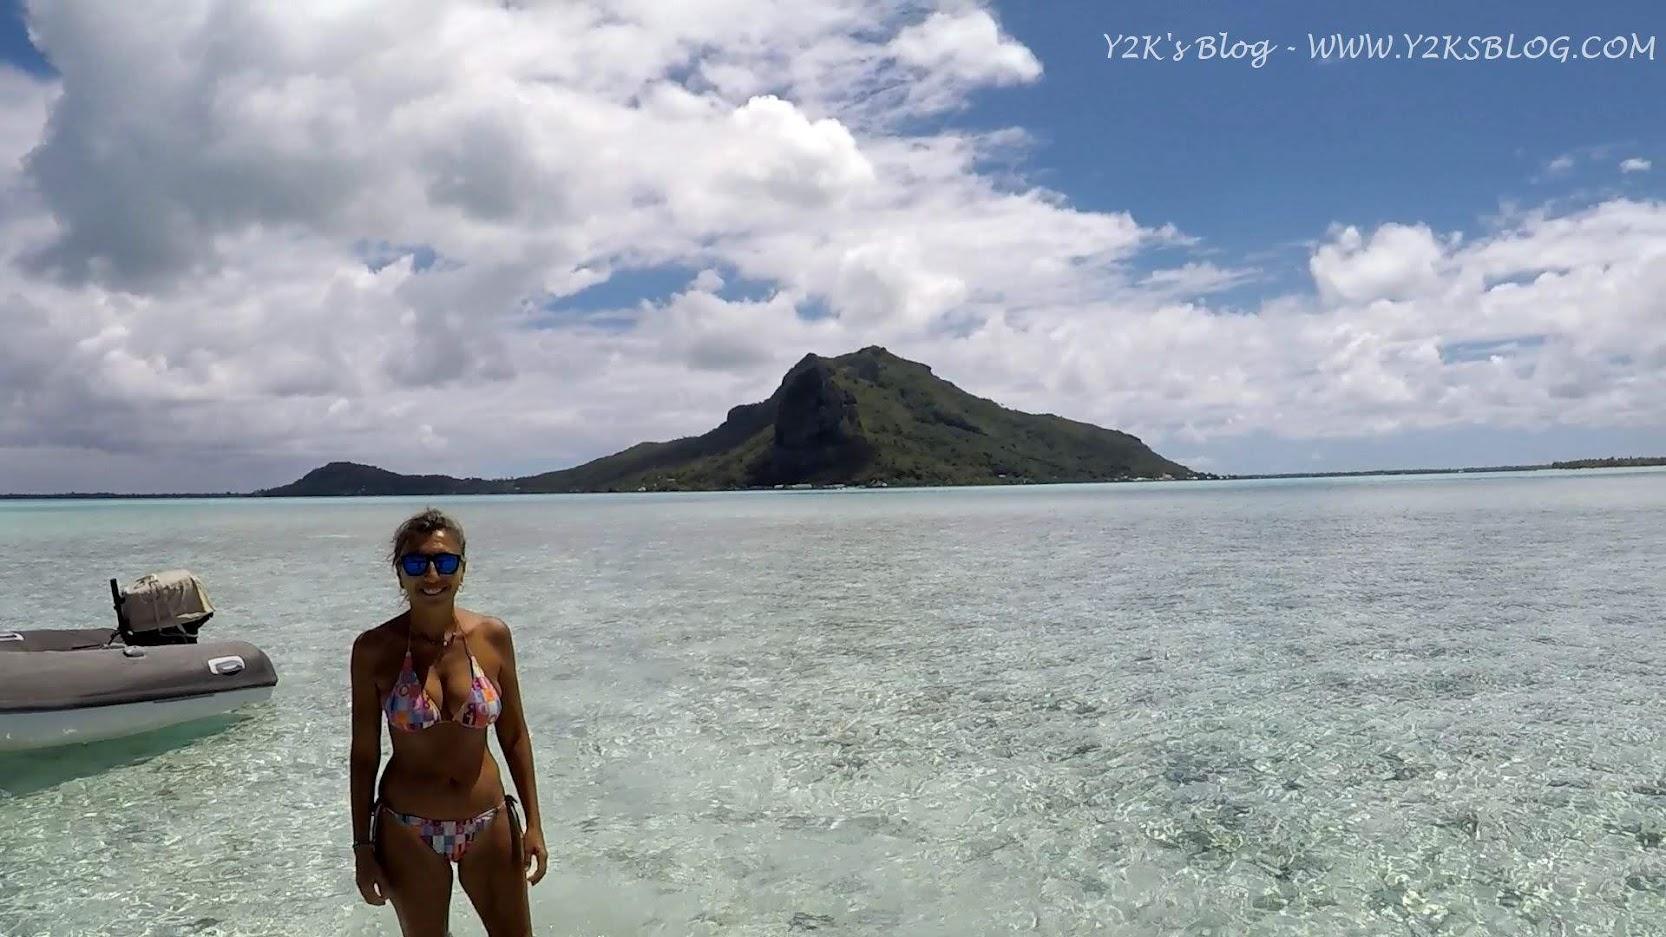 A passeggio per Motu Tiapaa e Monte Teurafaatui sullo sfondo - Maupiti